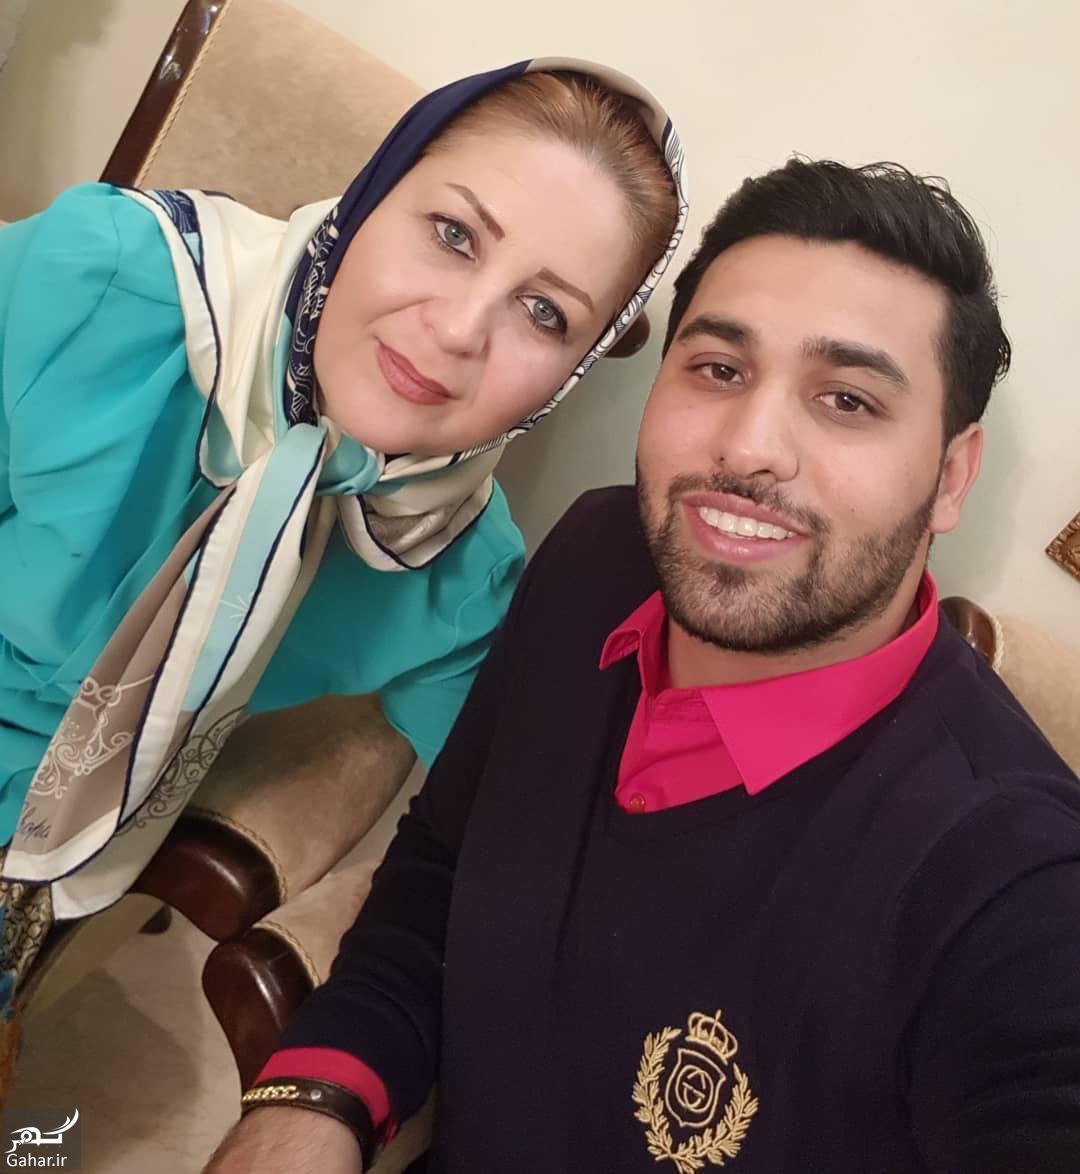 783195 Gahar ir چالش عکس با مادر زن بازیگران ایرانی ! / عکس